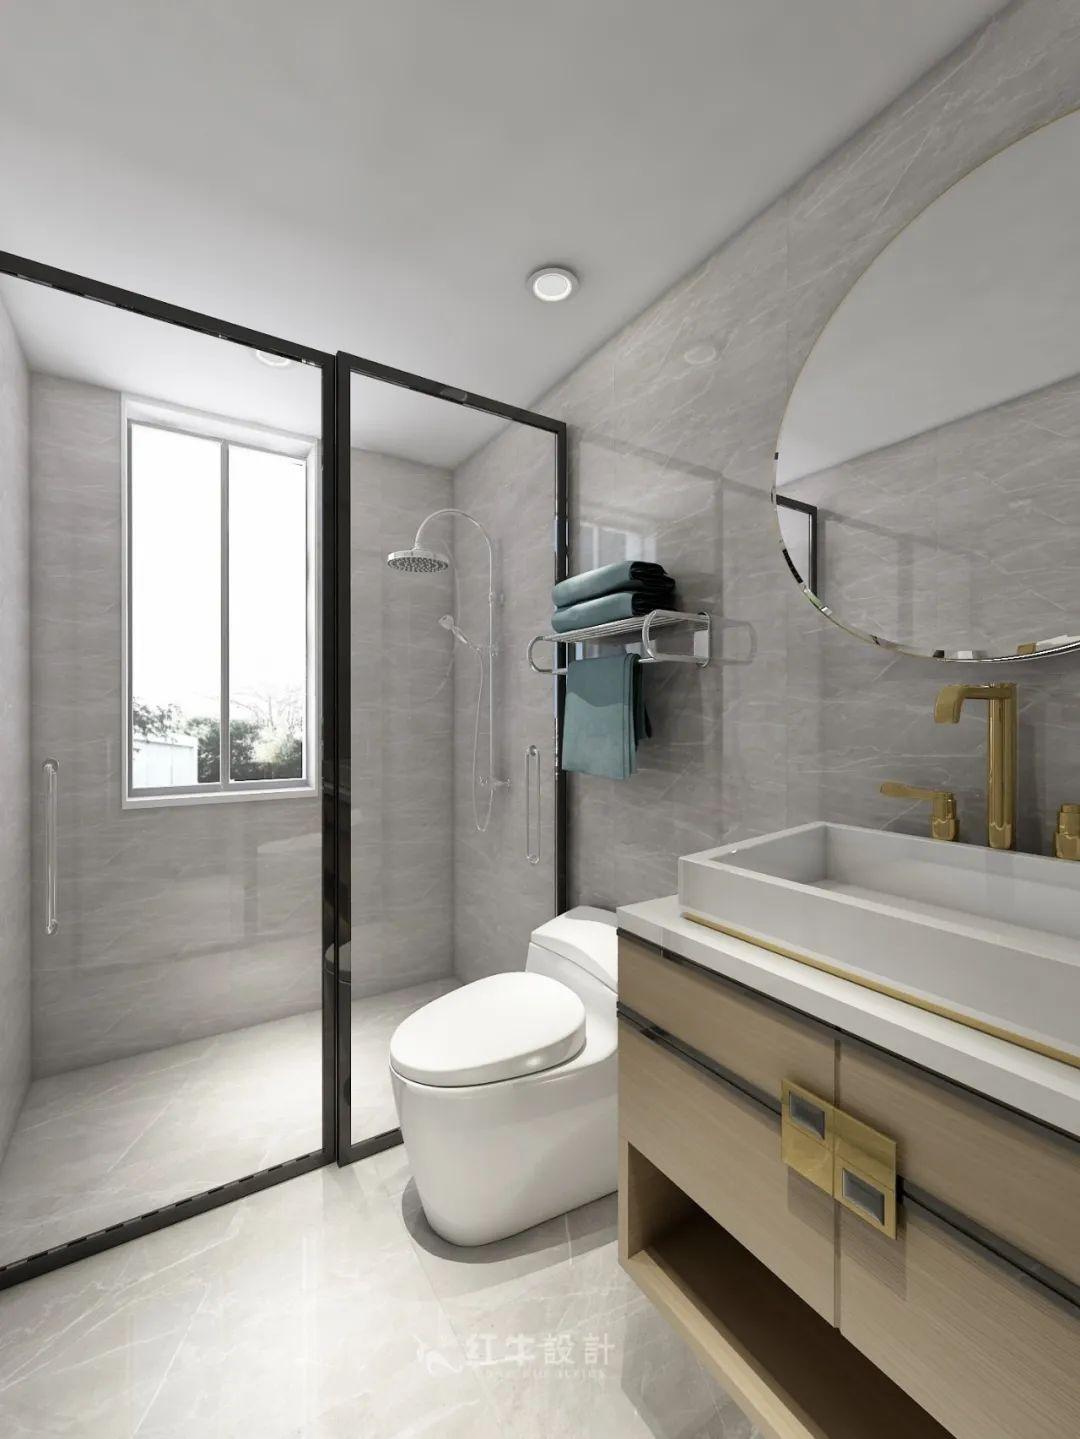 熊皓宇_同曦国际广场140㎡轻奢风格--改善性住房应该这样设计10主卧设计